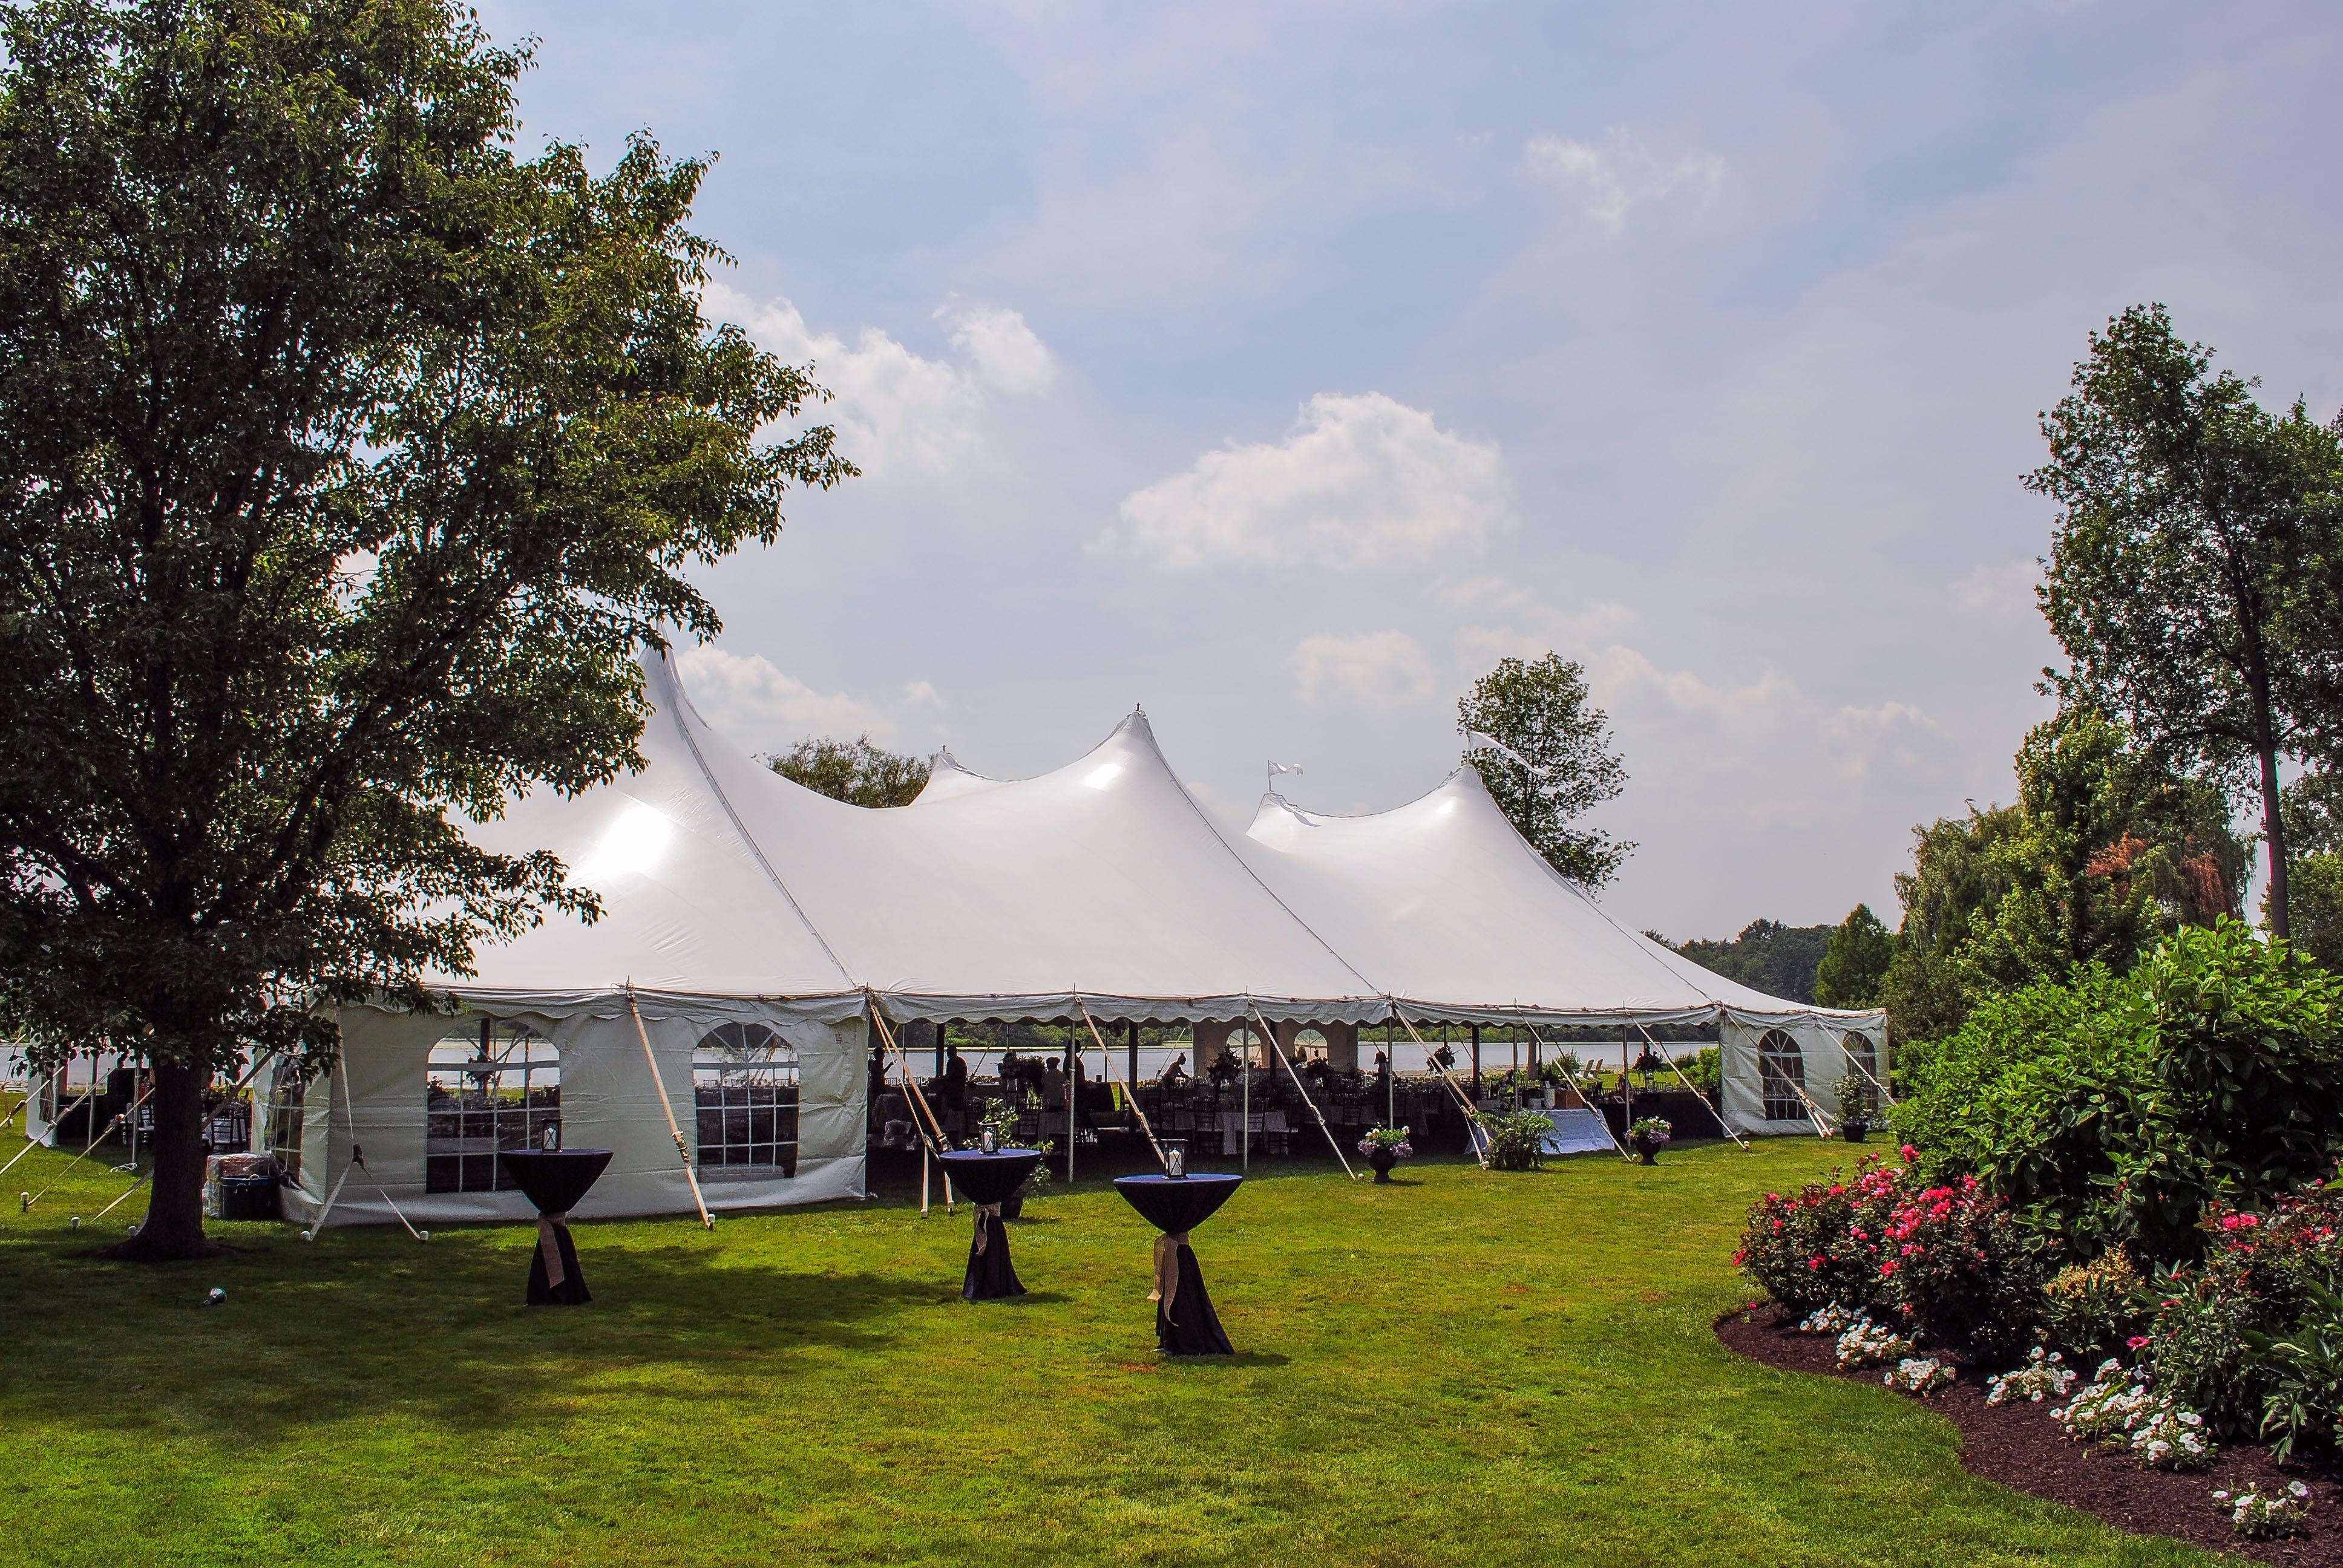 Beautiful outdoor tent wedding | Outdoor tent wedding ...